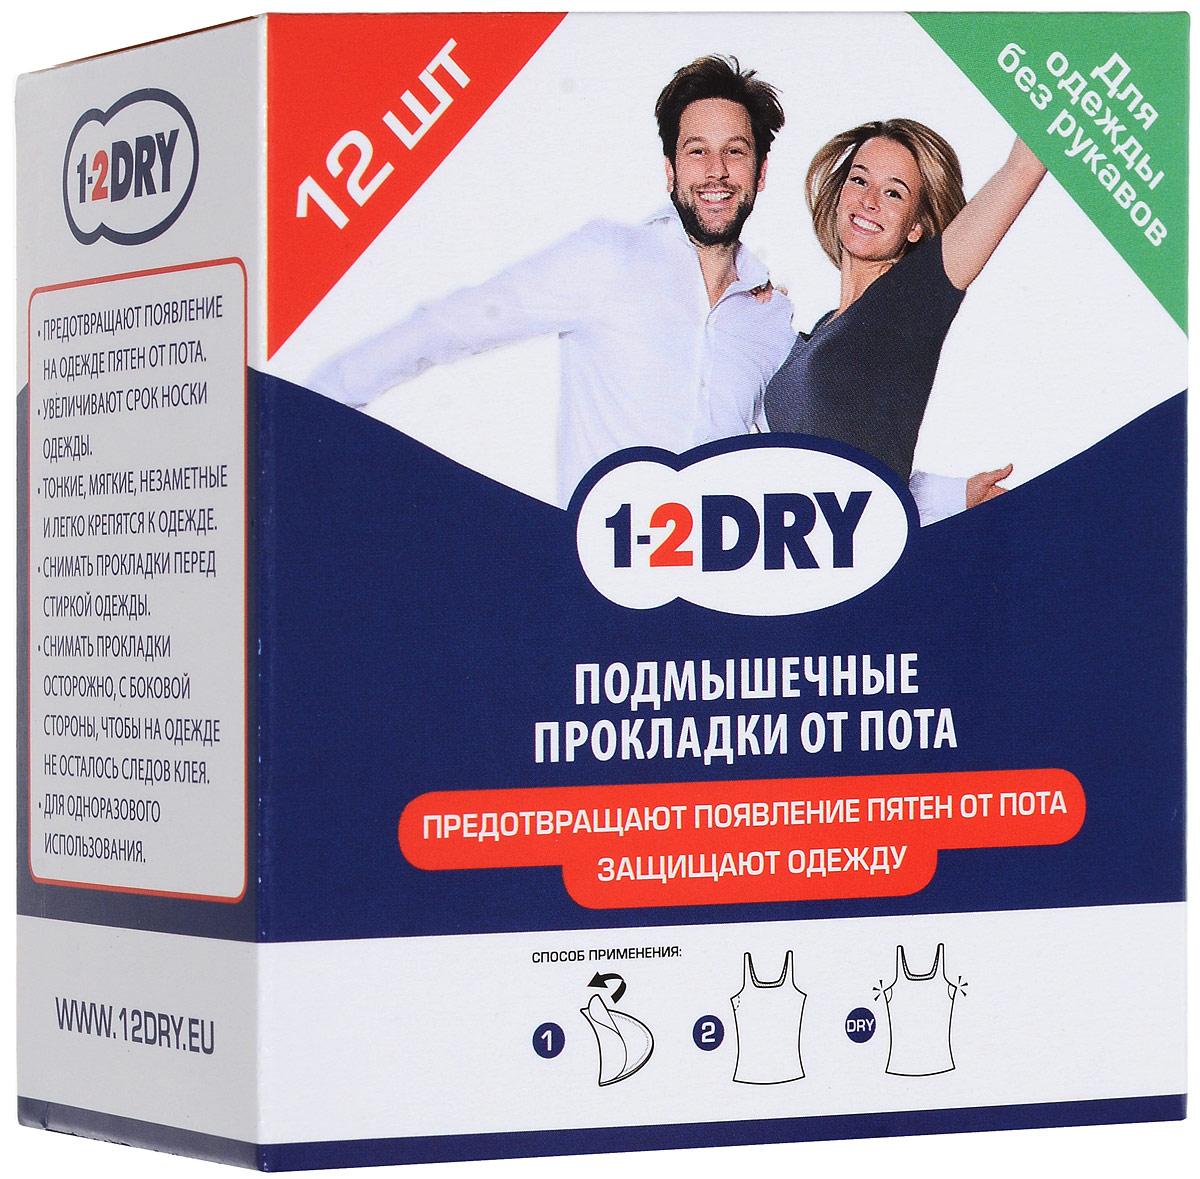 Прокладки для подмышек от пота 1-2 DRY №12 для одежды без рукавов наушники intro hsw 701 отзывы